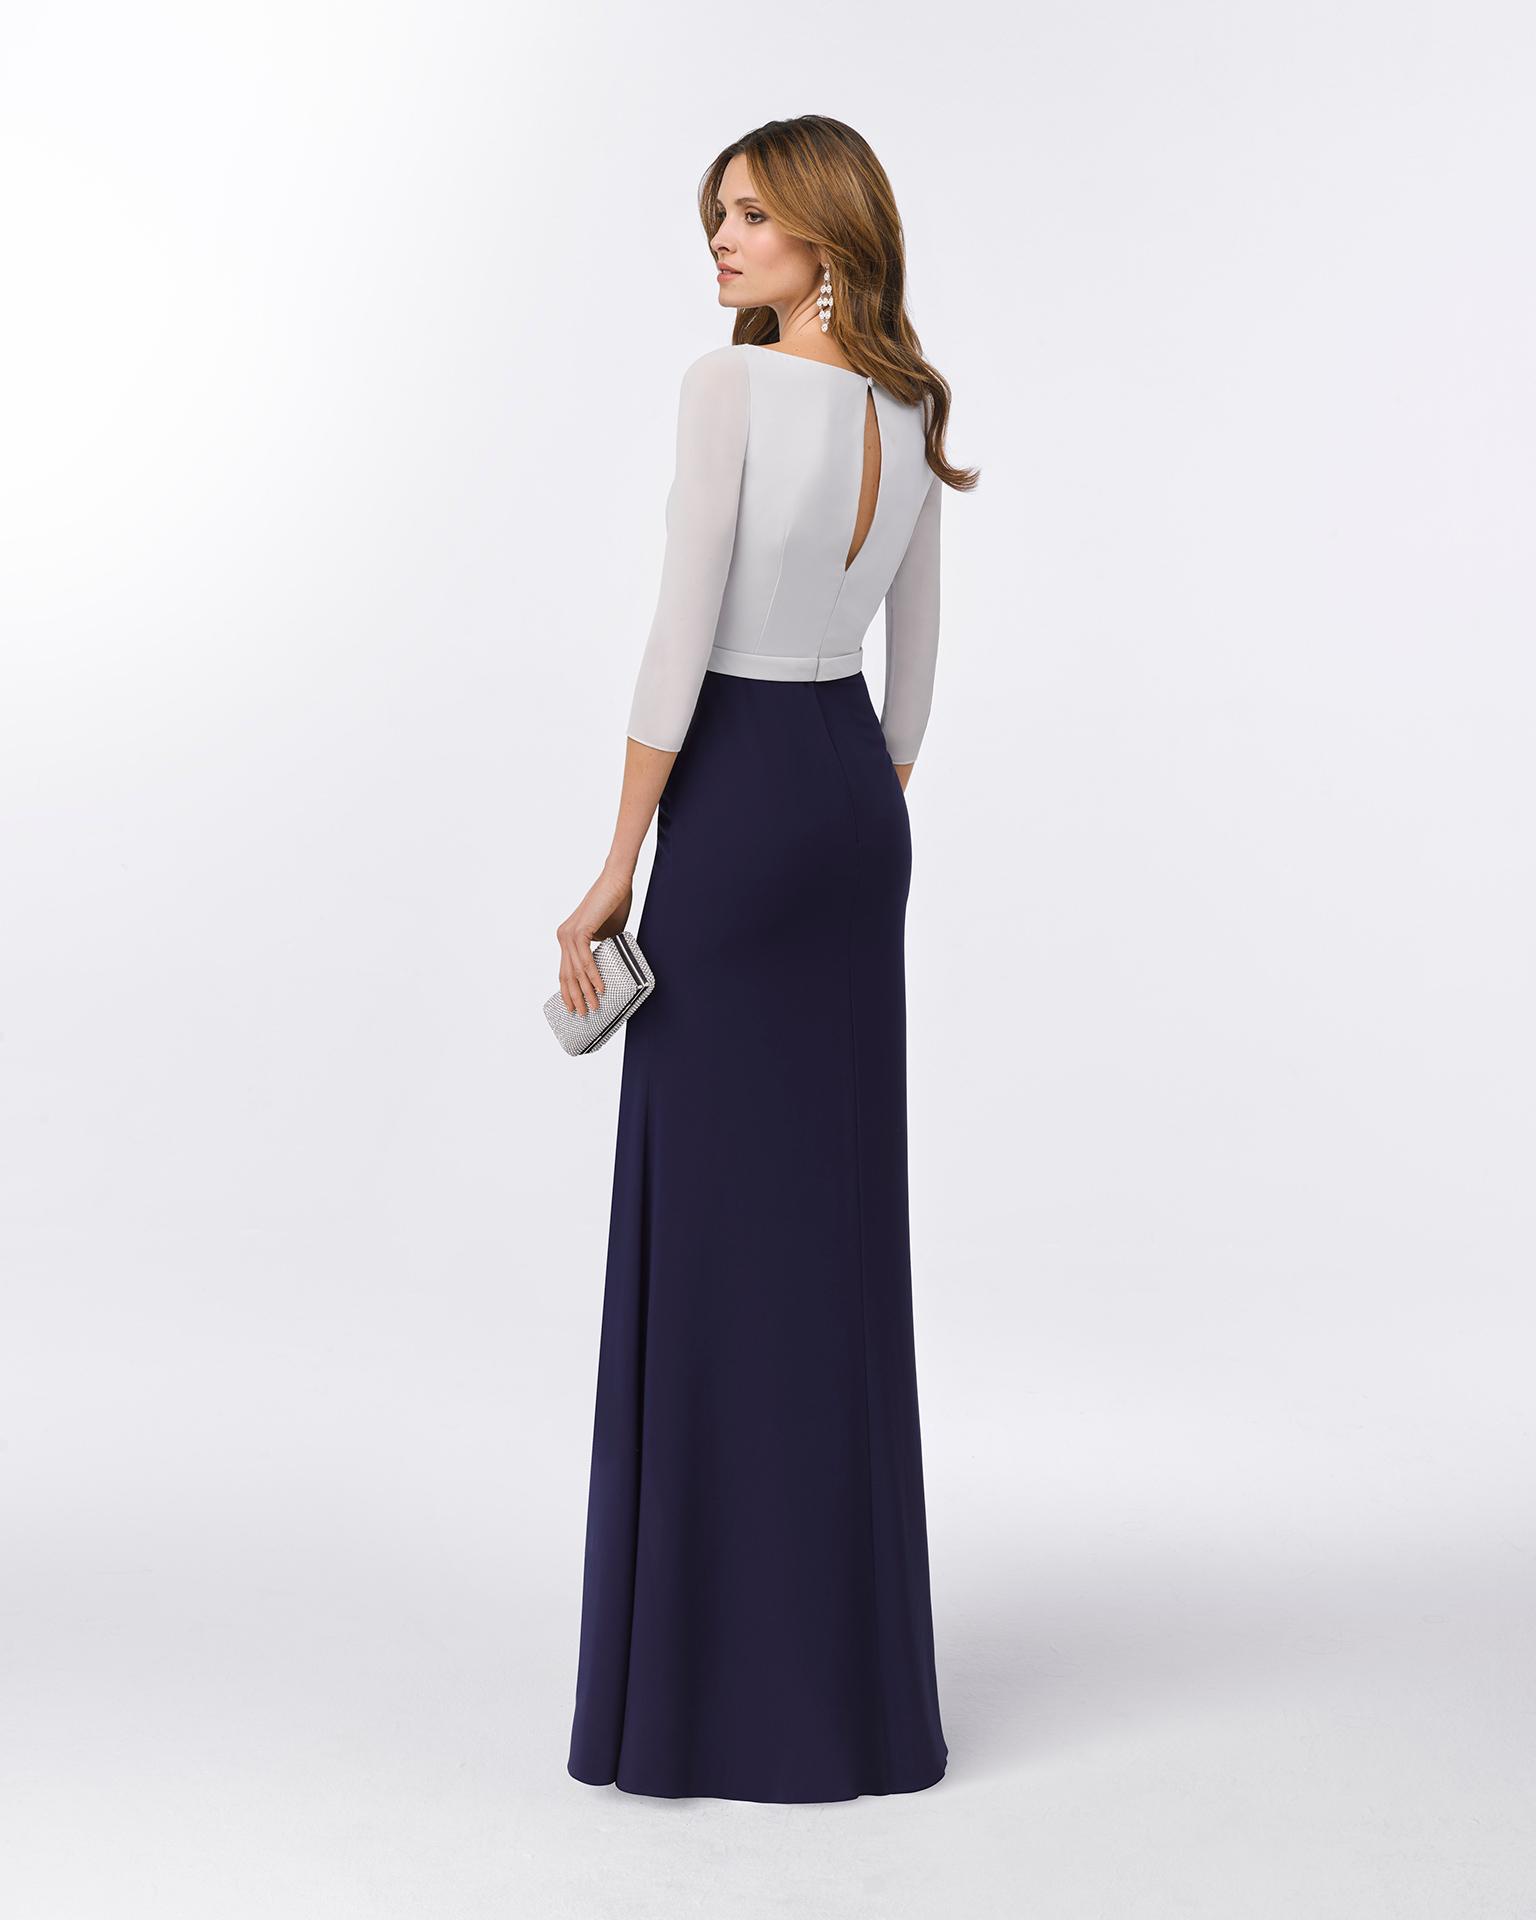 长款珠饰雪纺绸鸡尾酒会礼服,采用四分之三袖和侧开叉设计。 有米白色/藏青色和米白色/银色可选。 FIESTA AIRE BARCELONA 新品系列 2018.